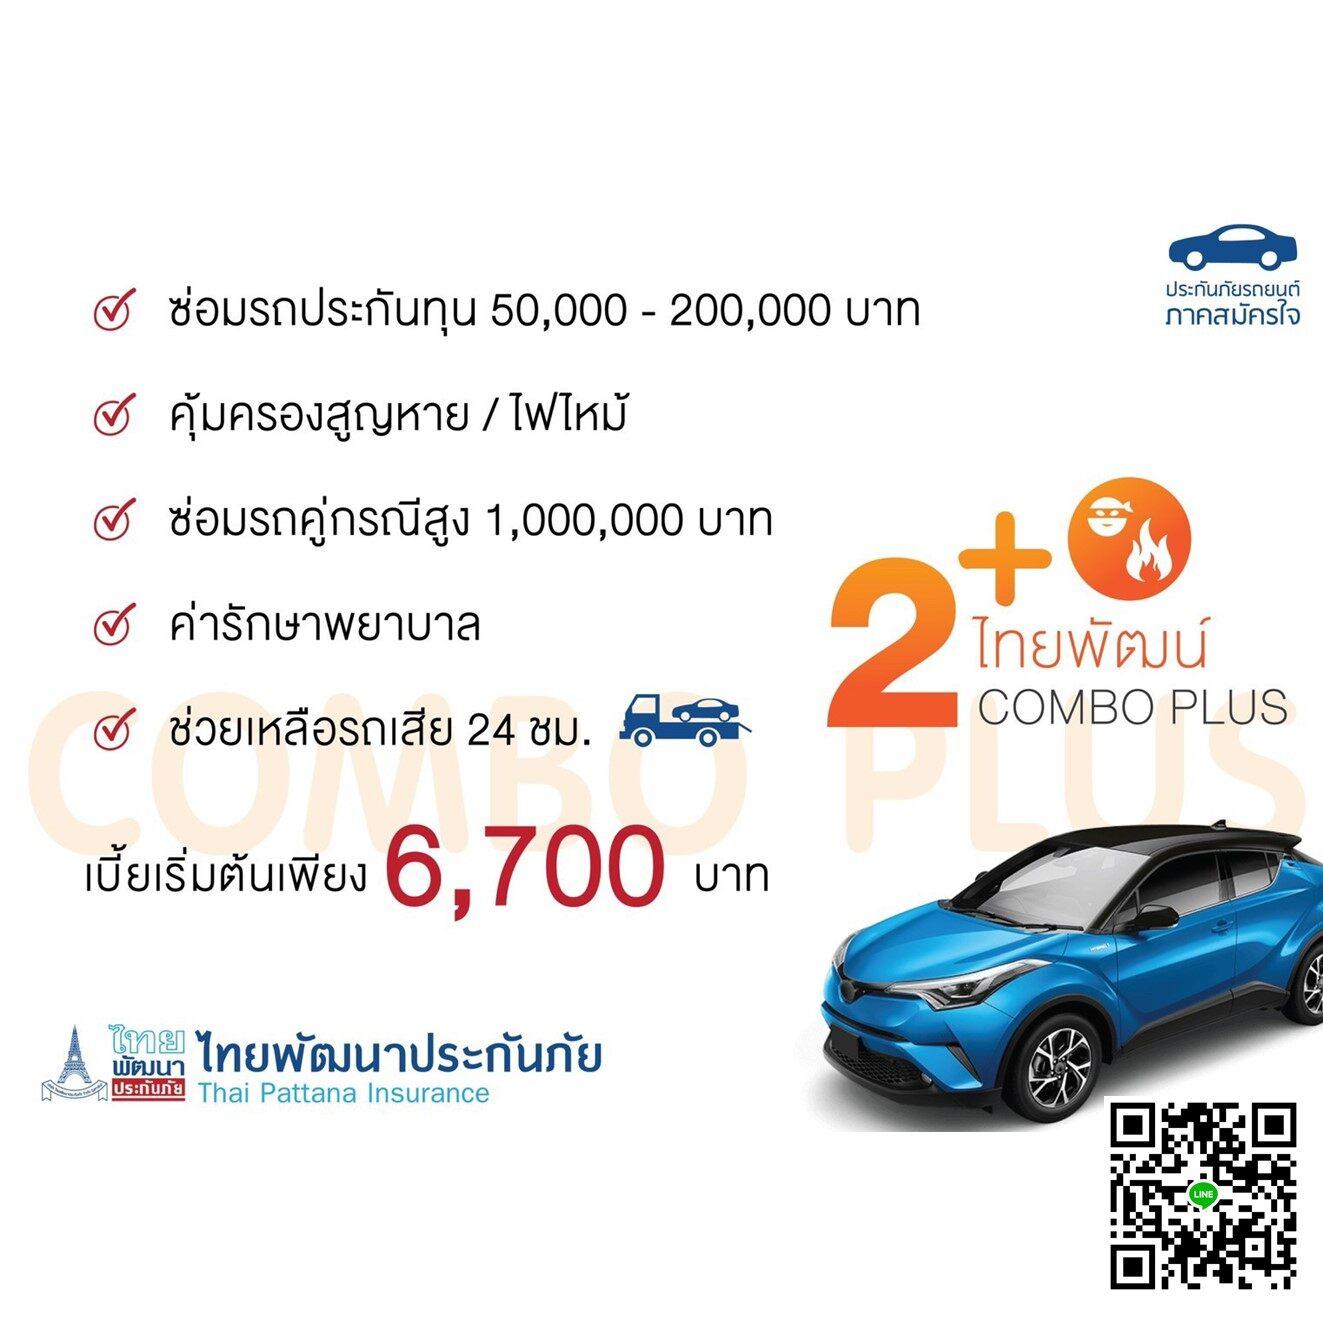 ประกันรถยนต์ 2+ ไทยพัฒน์ COMBO PLUS (เก๋ง,กระบะ) ซ่อมรถประกัน สูญหายไฟไหม้ 50,000.-รถชนรถ รถเสีย/รถยก ไม่มีค่าเสียหายส่วนแรก บริการช่วยเหลือฉุกเ